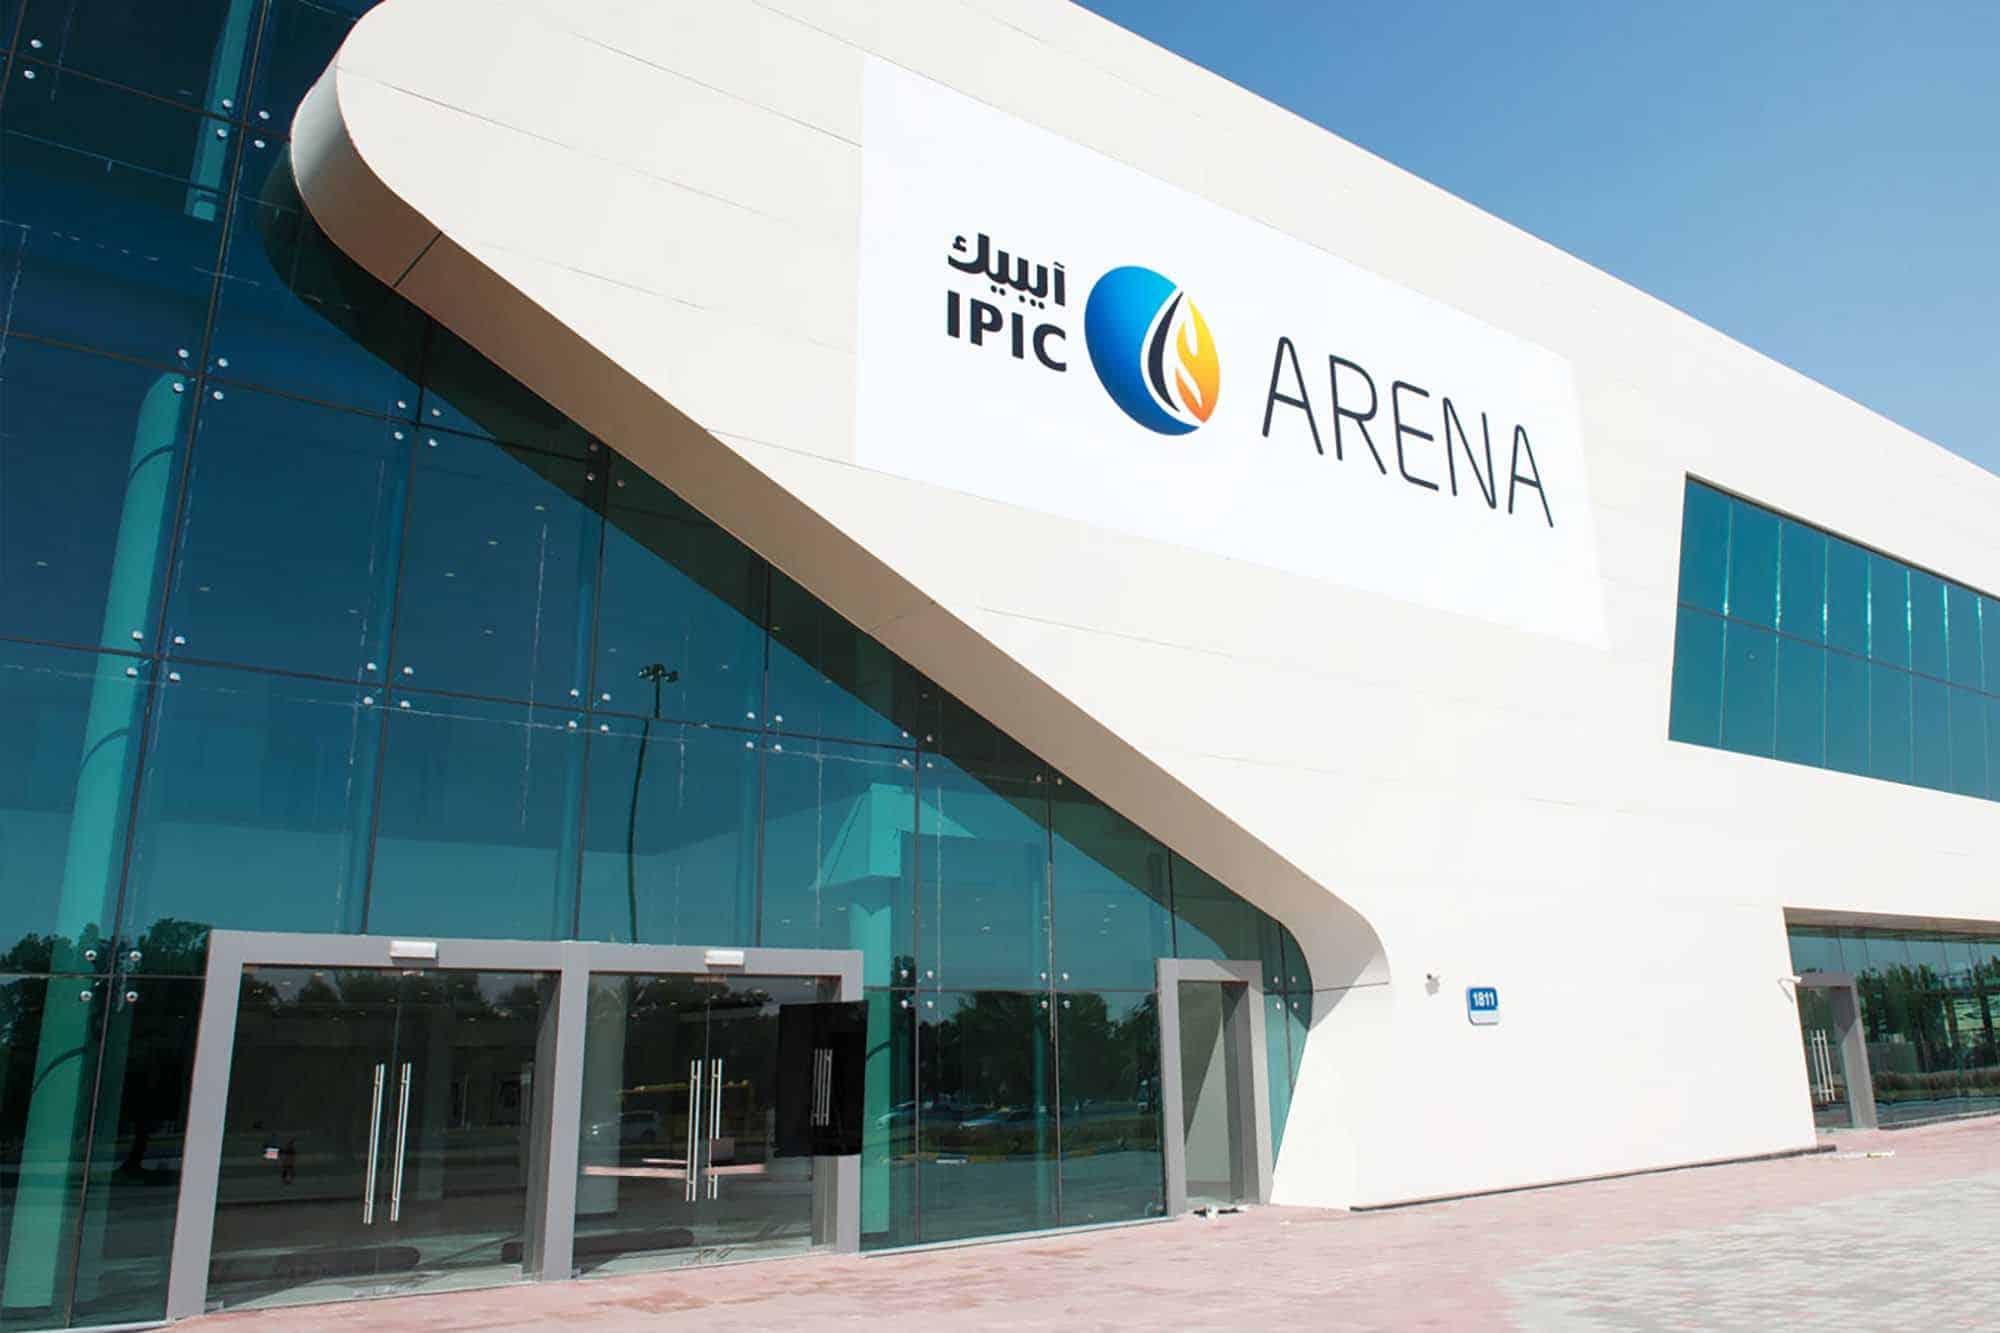 IPIC Arena 03 - AUF GEHTS ZUM SHANGHAI INTERNATIONAL CIRCUIT!